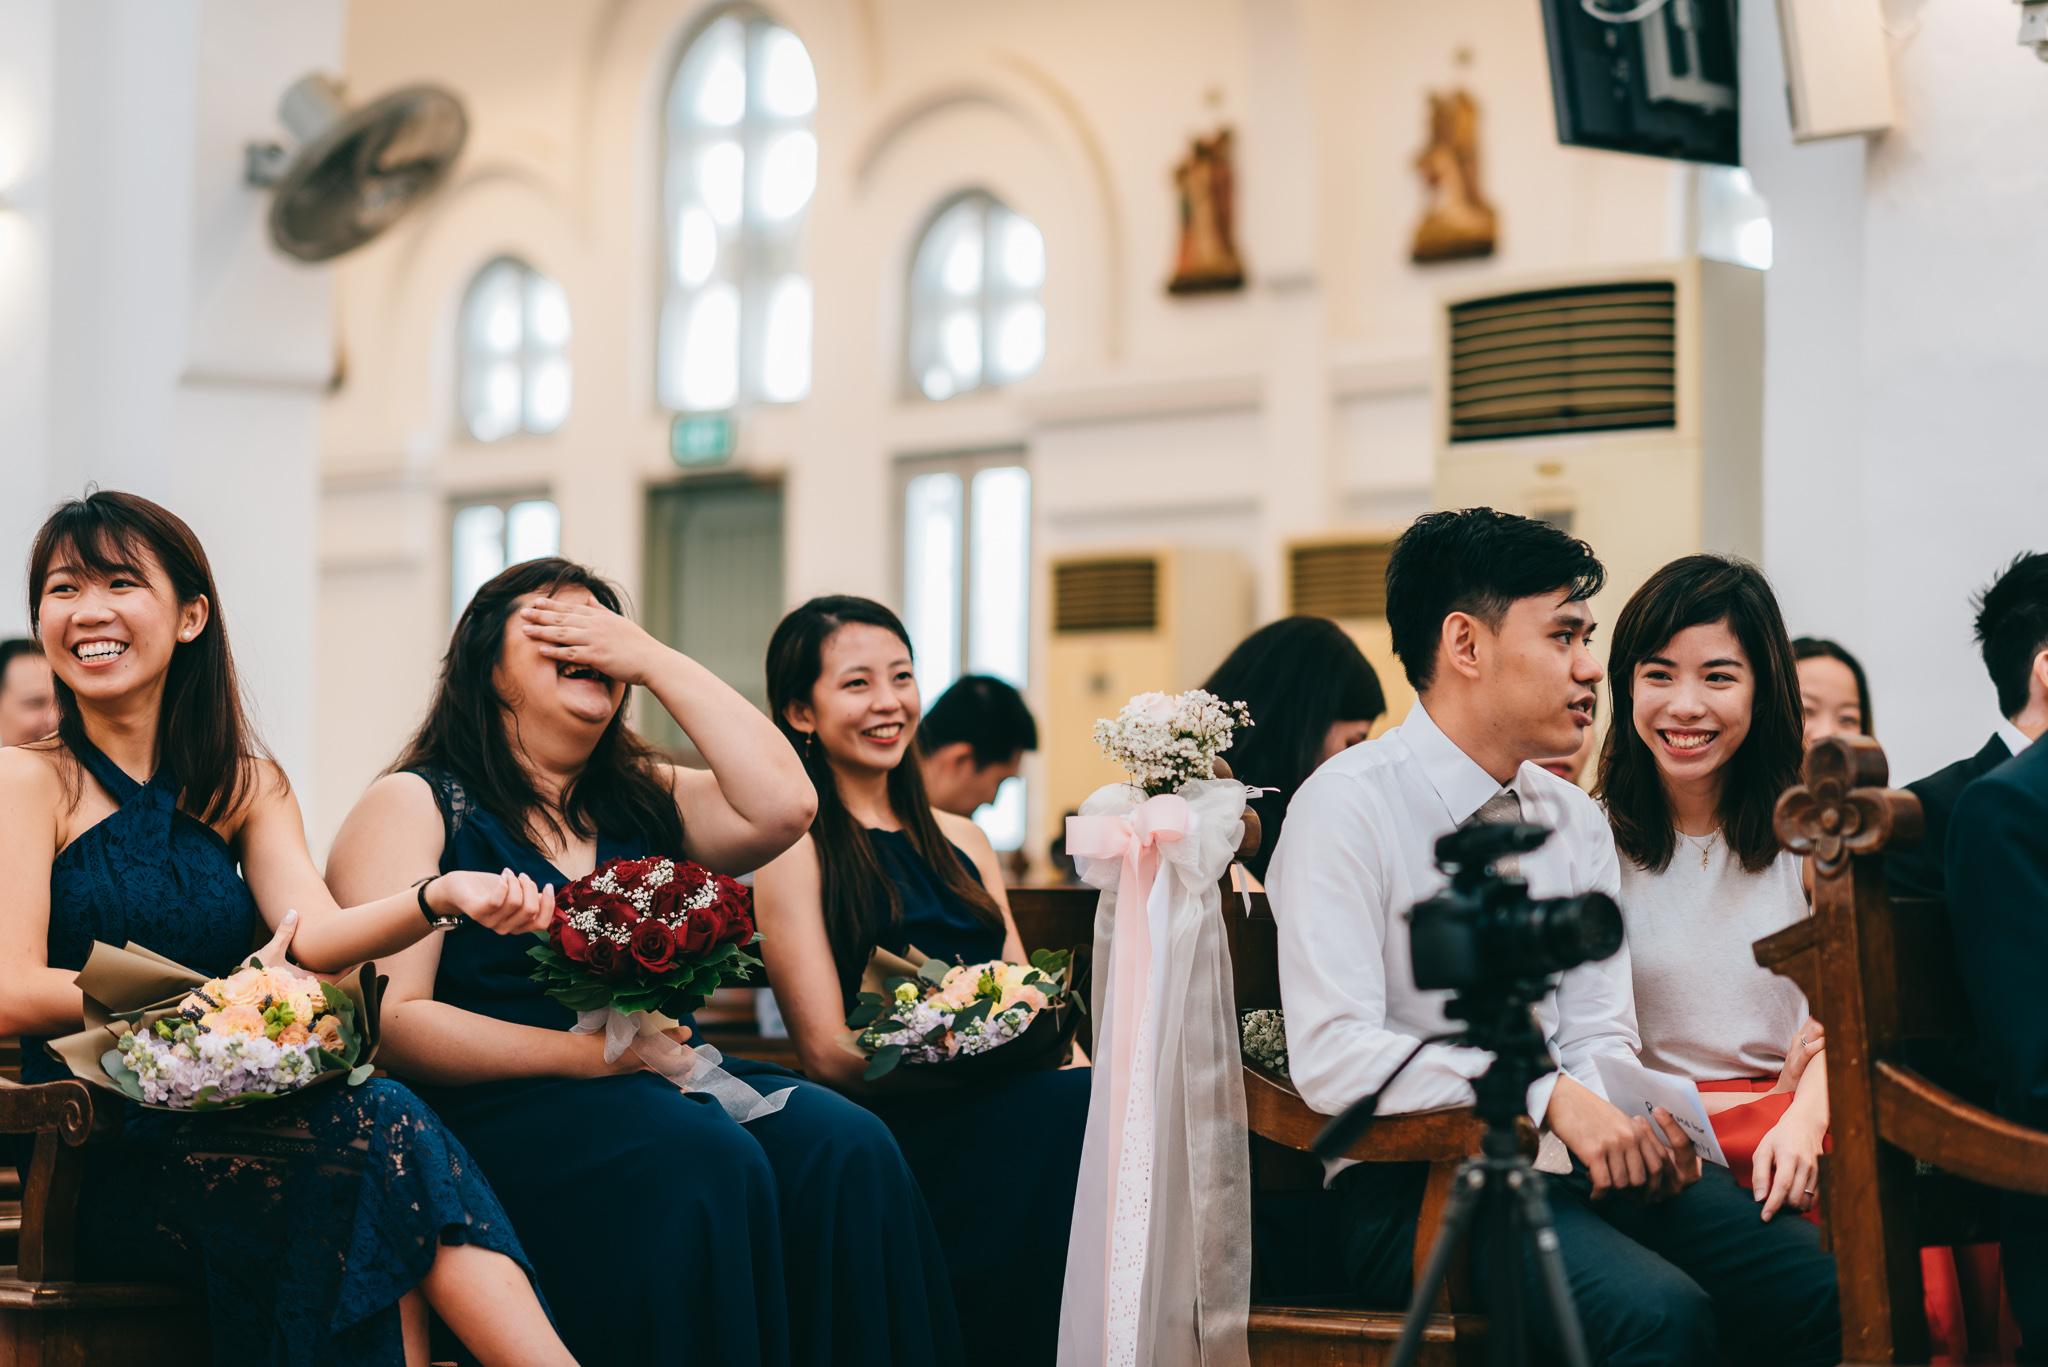 Lionel & Karen Wedding Day Highlights (resized for sharing) - 099.jpg